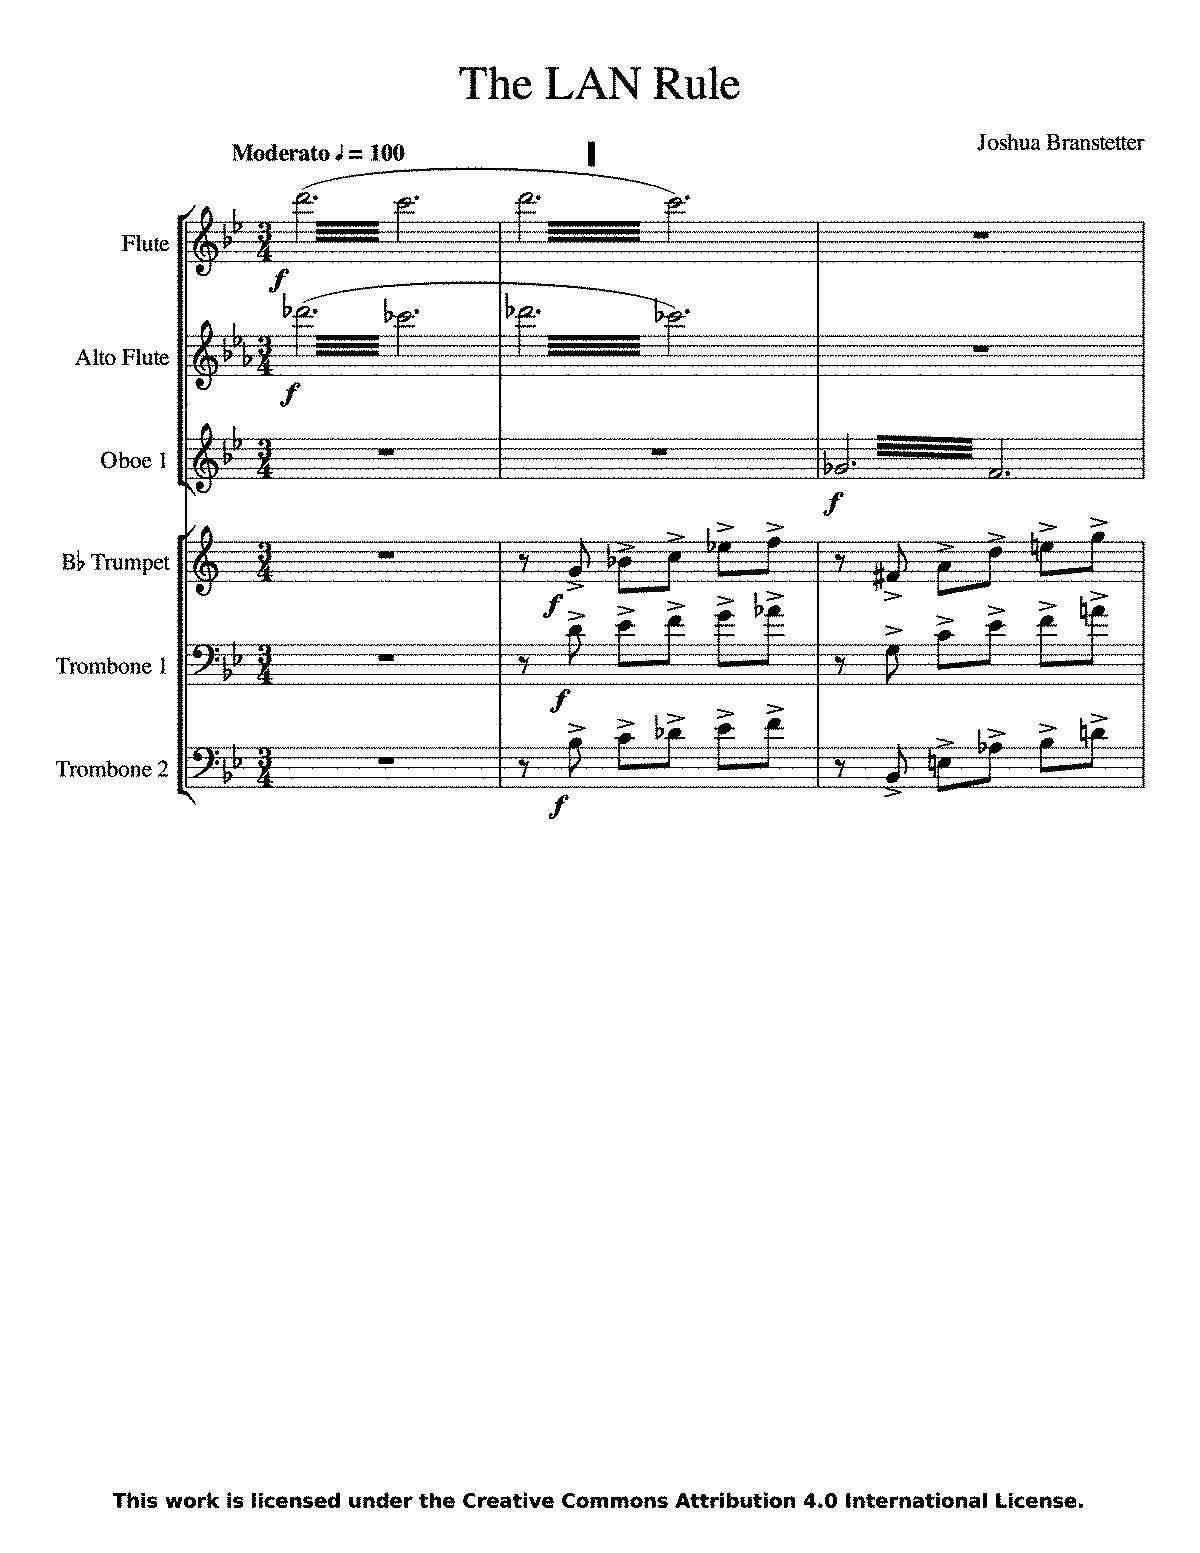 The LAN Rule, Op 14 (Branstetter, Joshua) - IMSLP/Petrucci Music